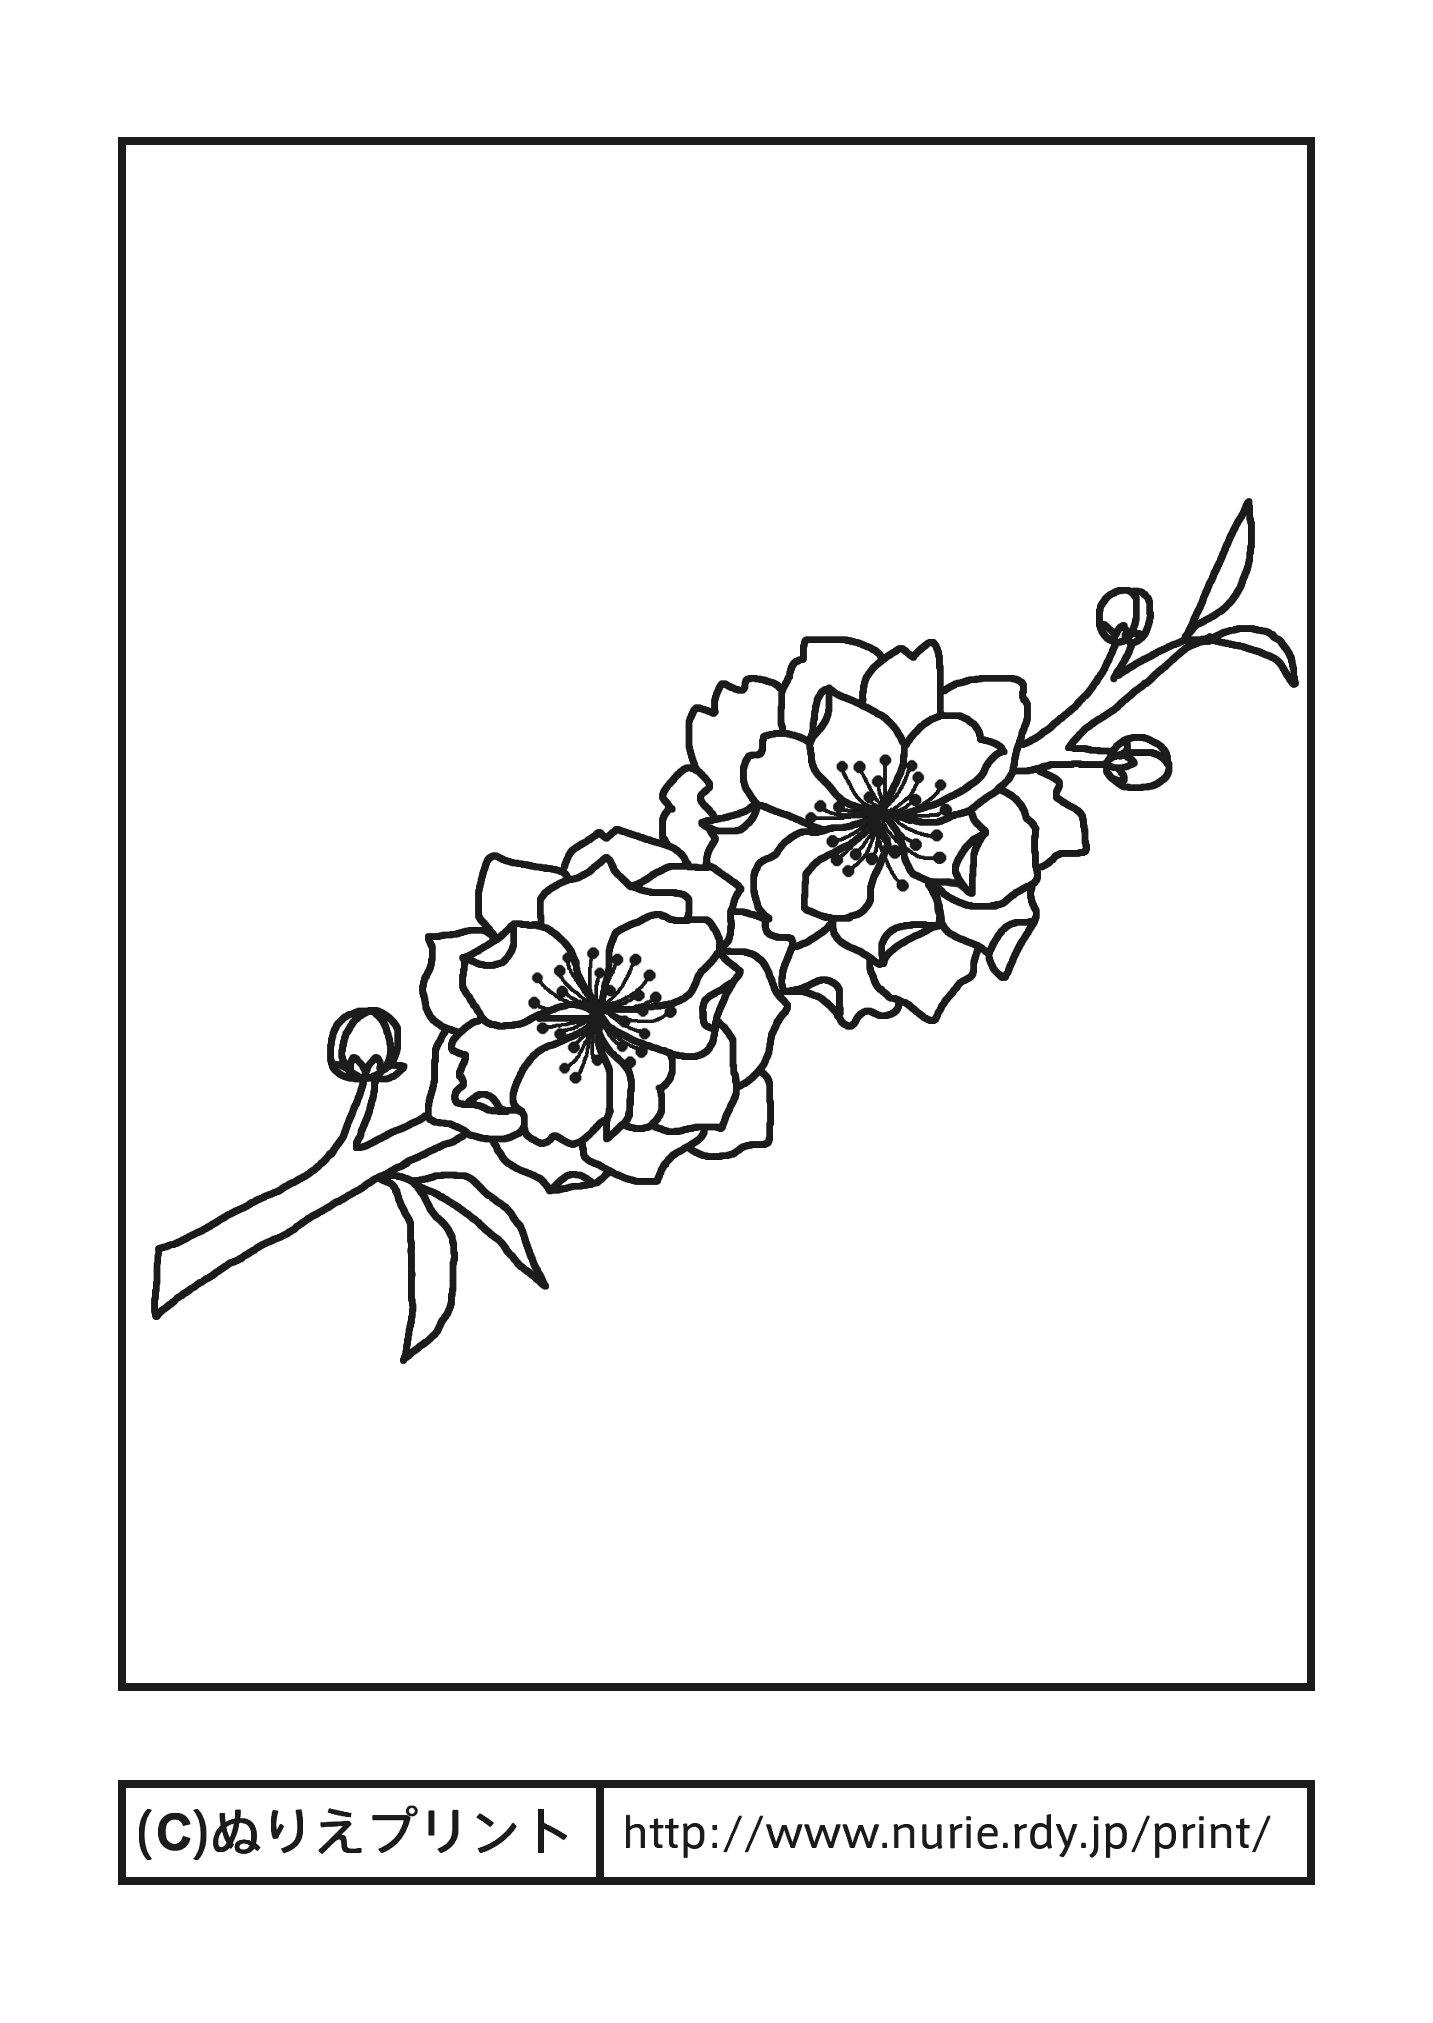 モモ(主線・黒)/春の花/無料塗り絵イラスト【ぬりえプリント】